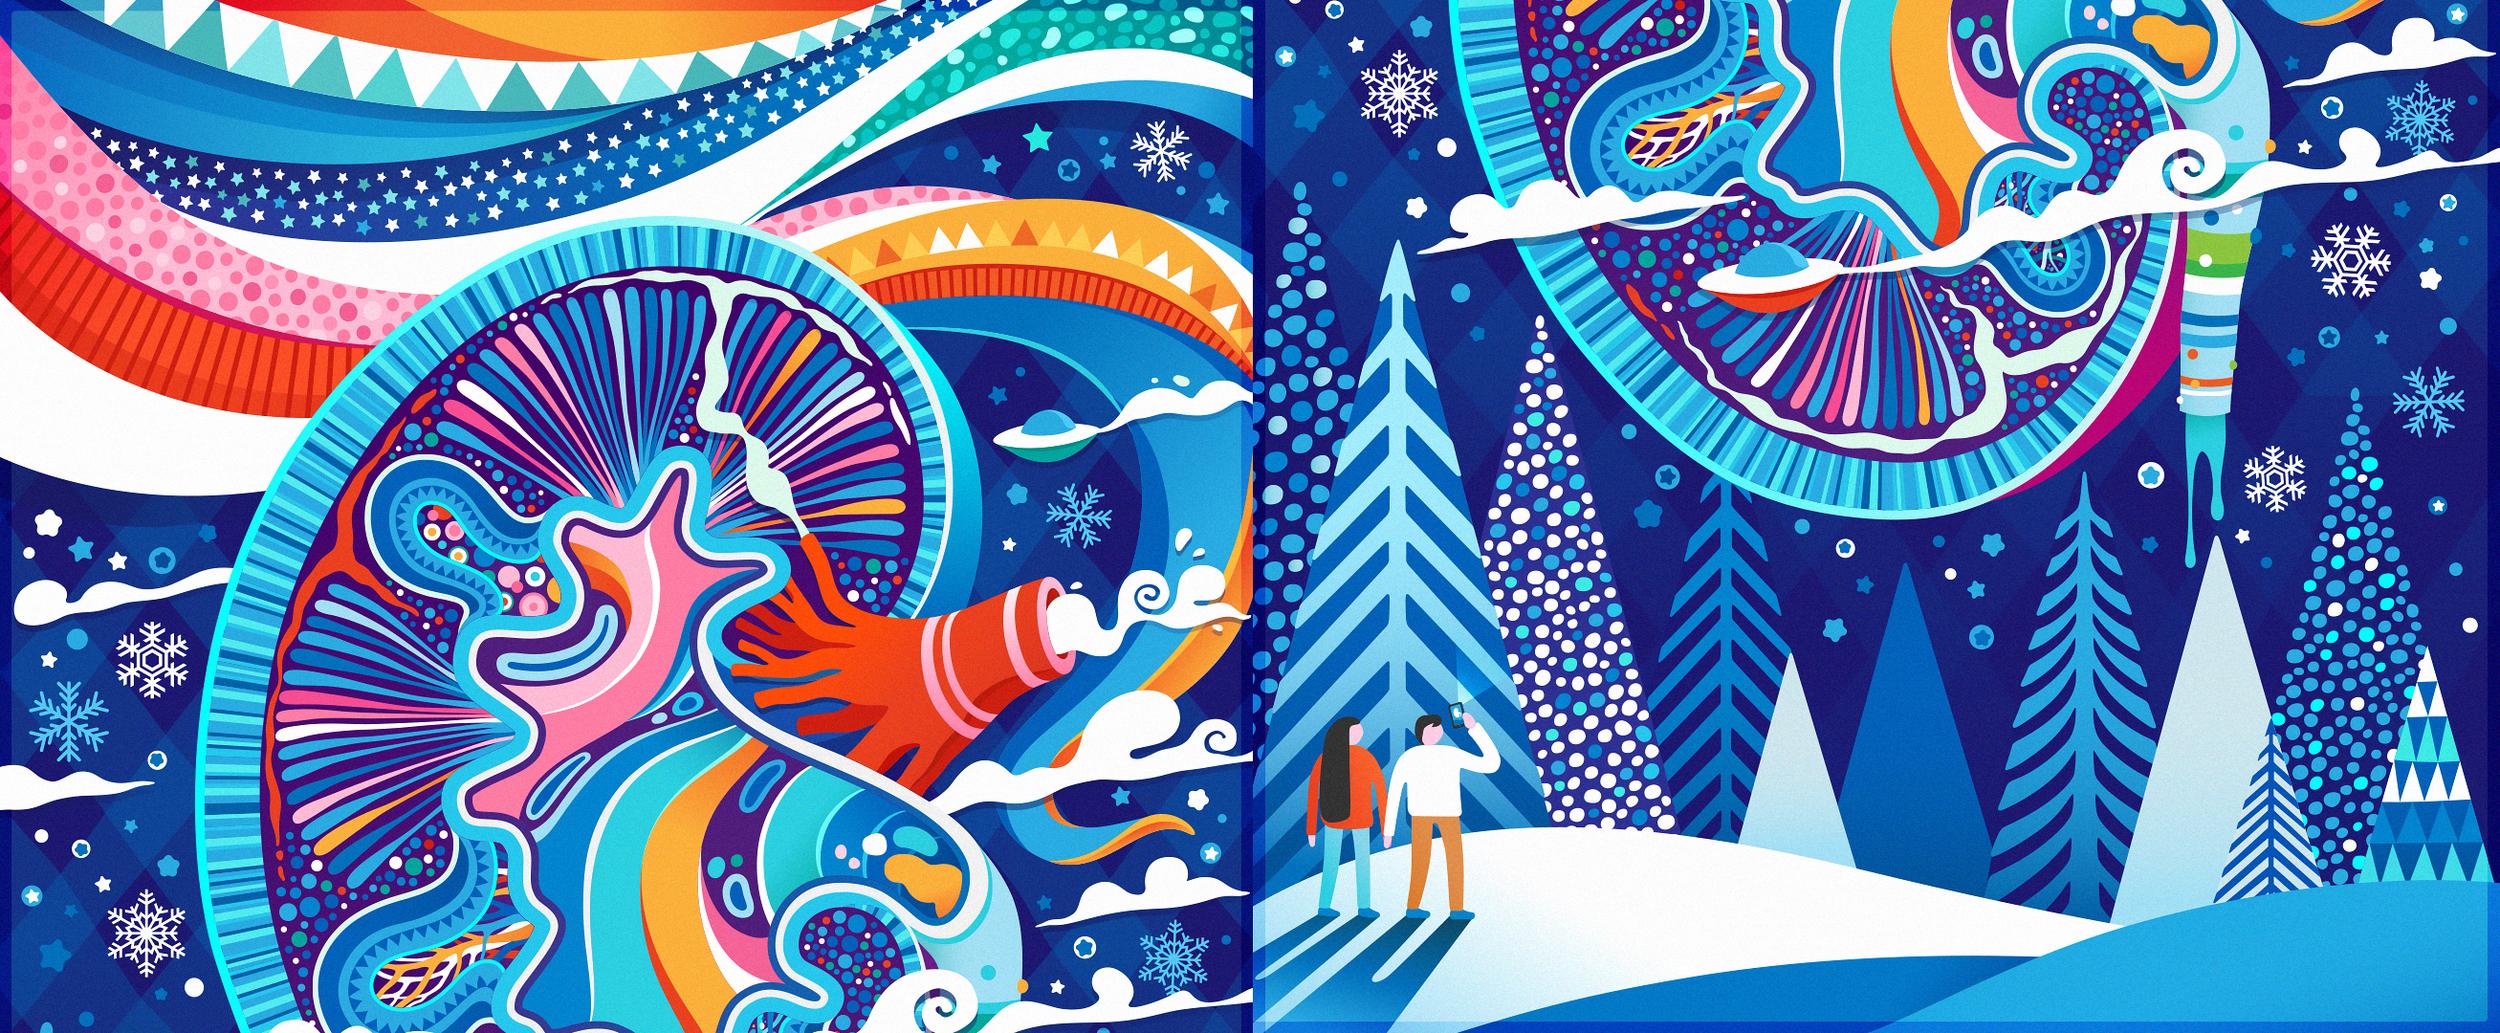 HolidayCard_Wallpaper.png